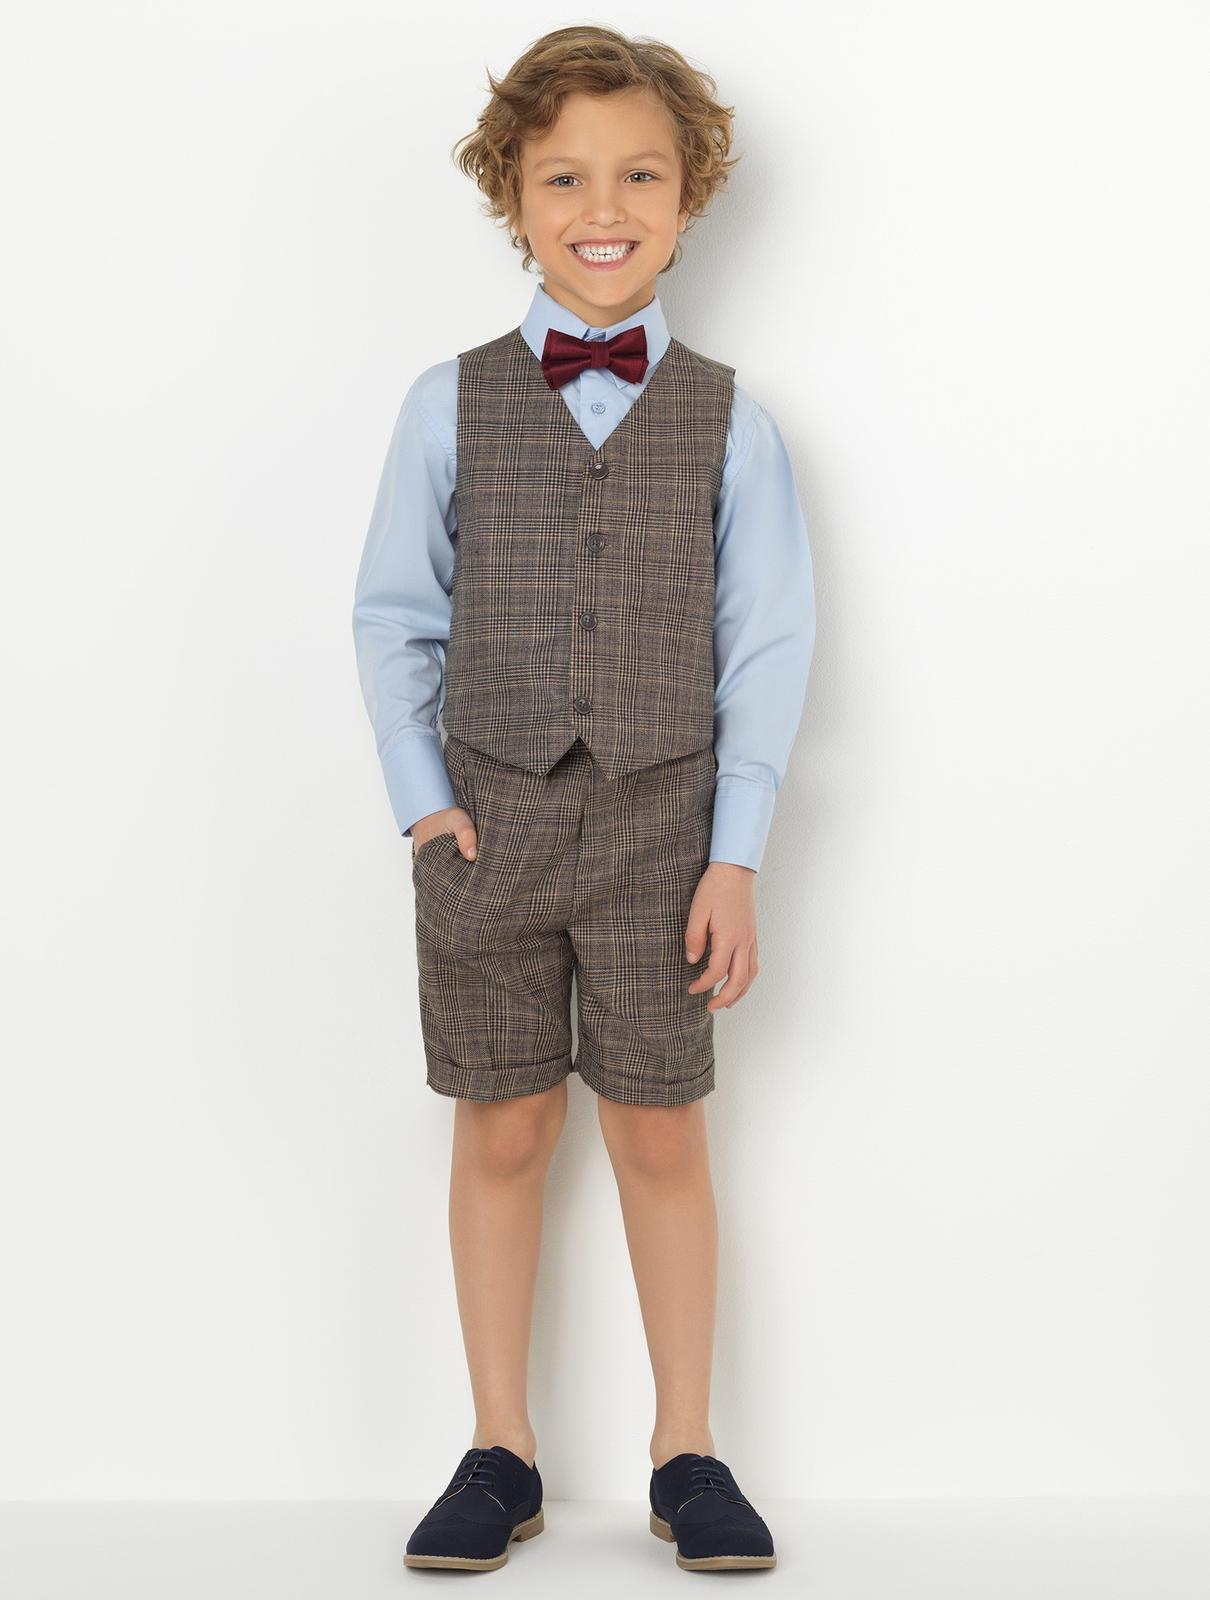 NOVINKA - letní oblek k prodeji nebo k půjčení - Obrázek č. 1